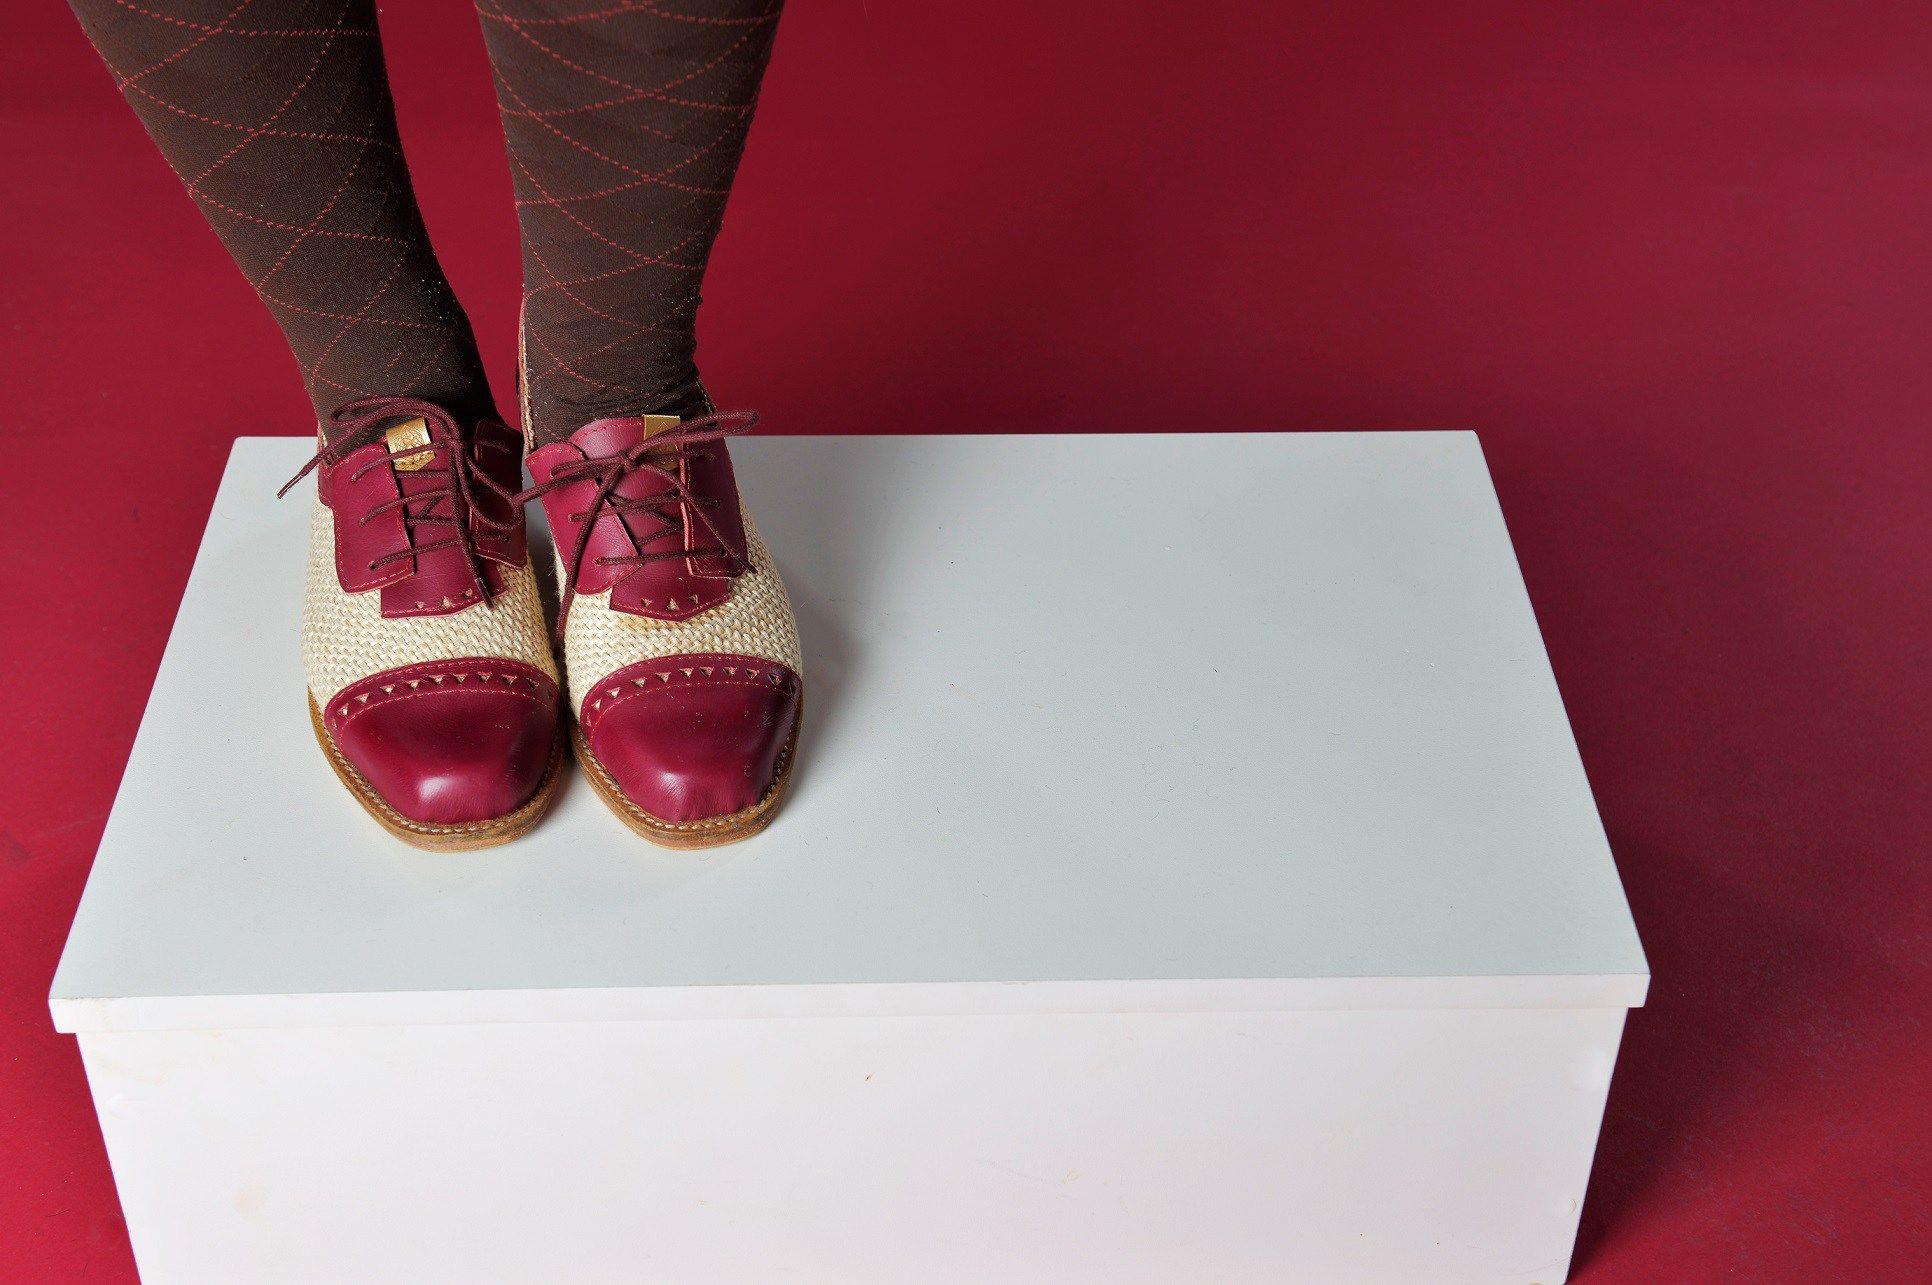 Gasp Design oficina da gasp design em sapatos artesanais mídias